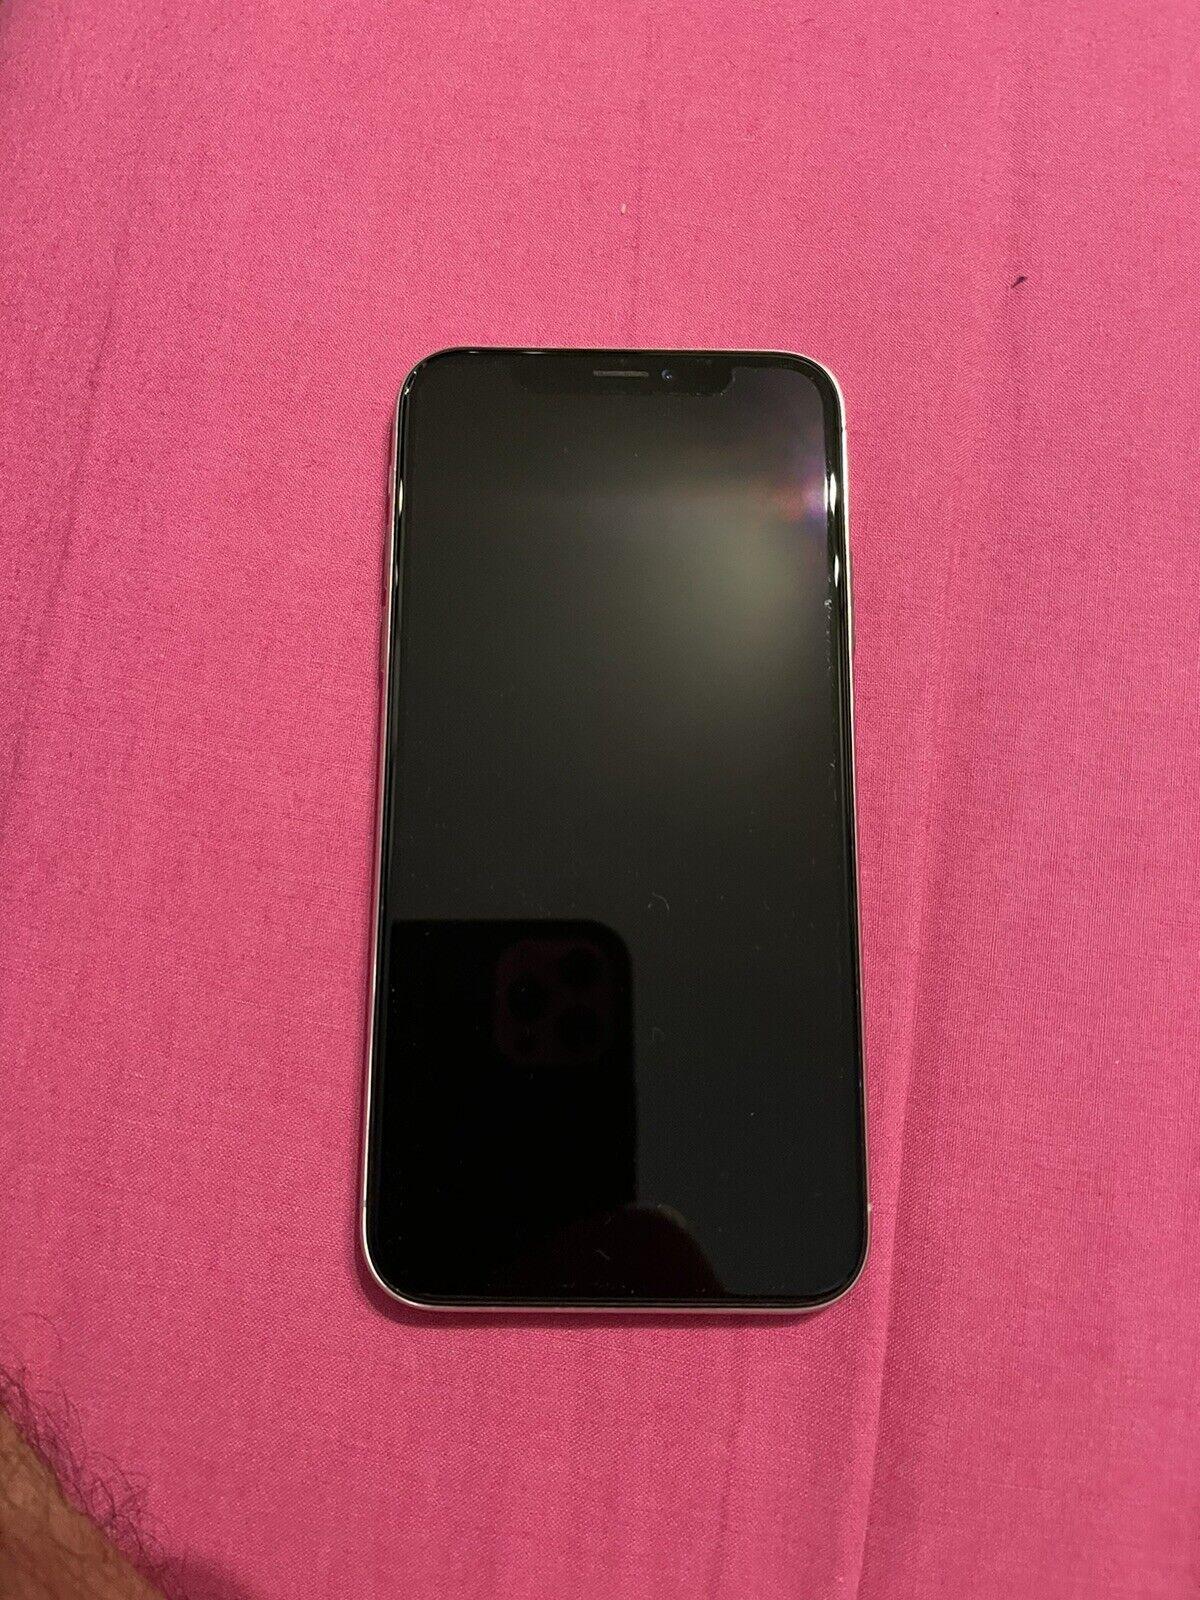 iPhone: Apple iPhone X – 64GB – Bianco